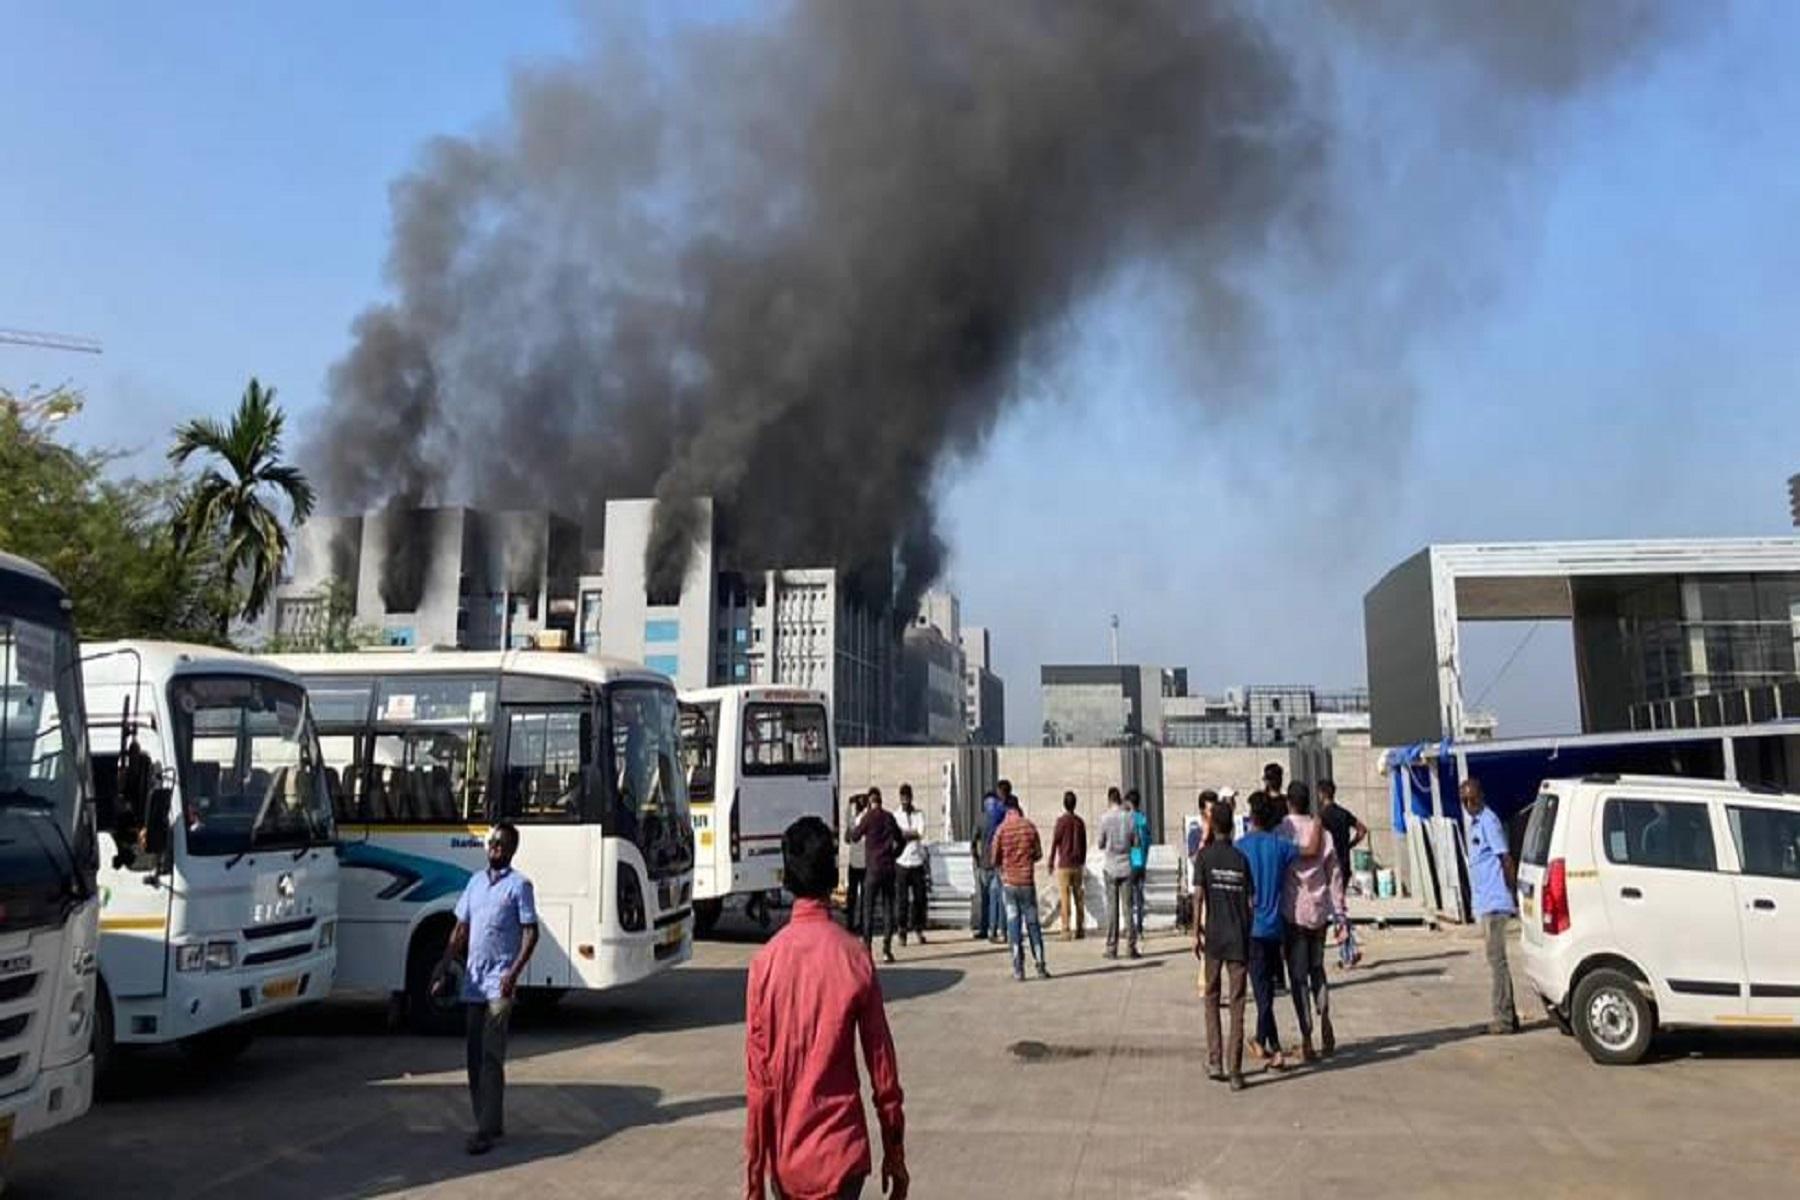 Ινδία Serum Institute: Πυρκαγιά σε νέο υπό κατασκευή εργοστάσιο εμβολίων στην πόλη Πούνε